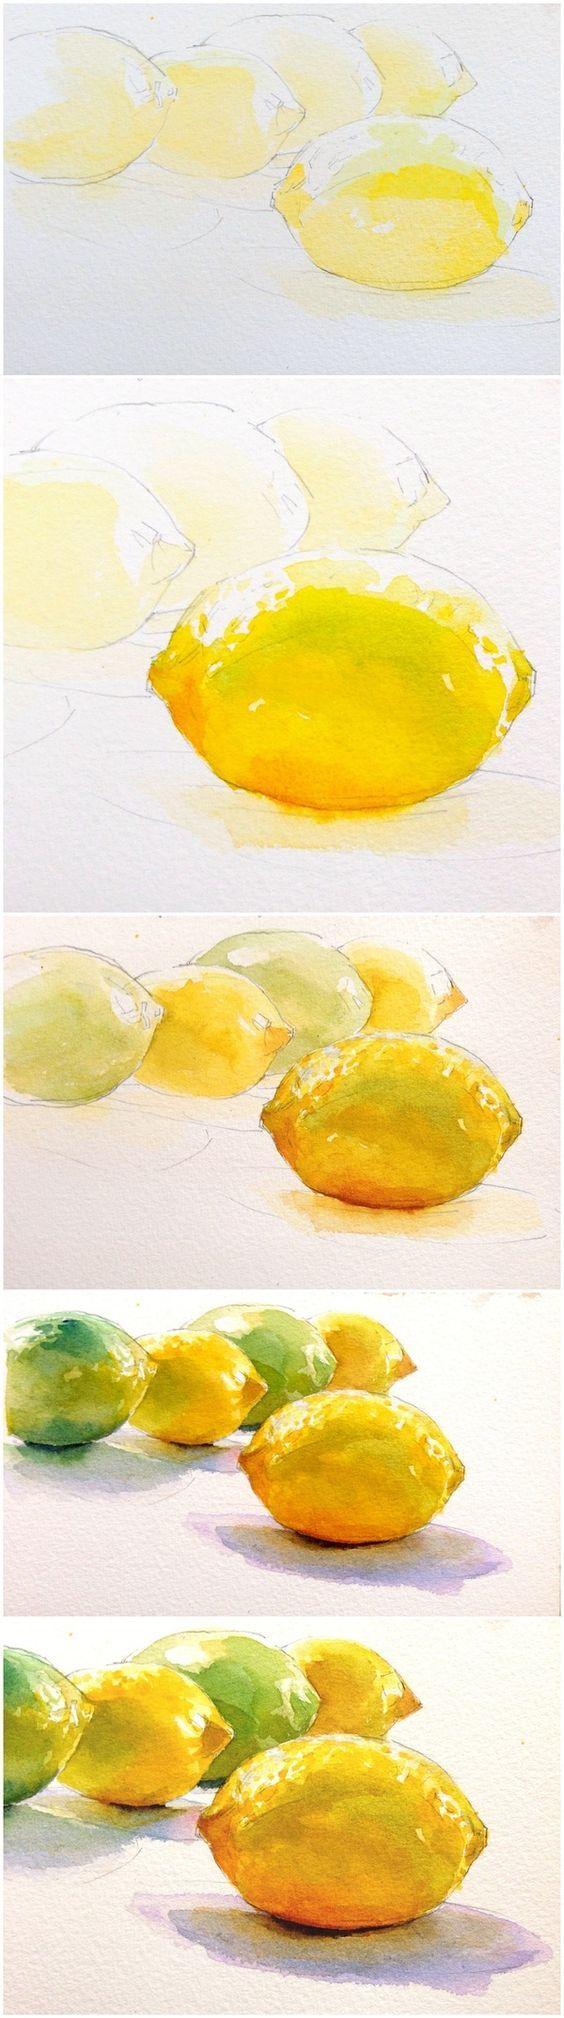 Malanleitung, Zitronen, Aquarell, Schritt für Schritt, Besser malen lernen, Malkurse, Onlinekurs,